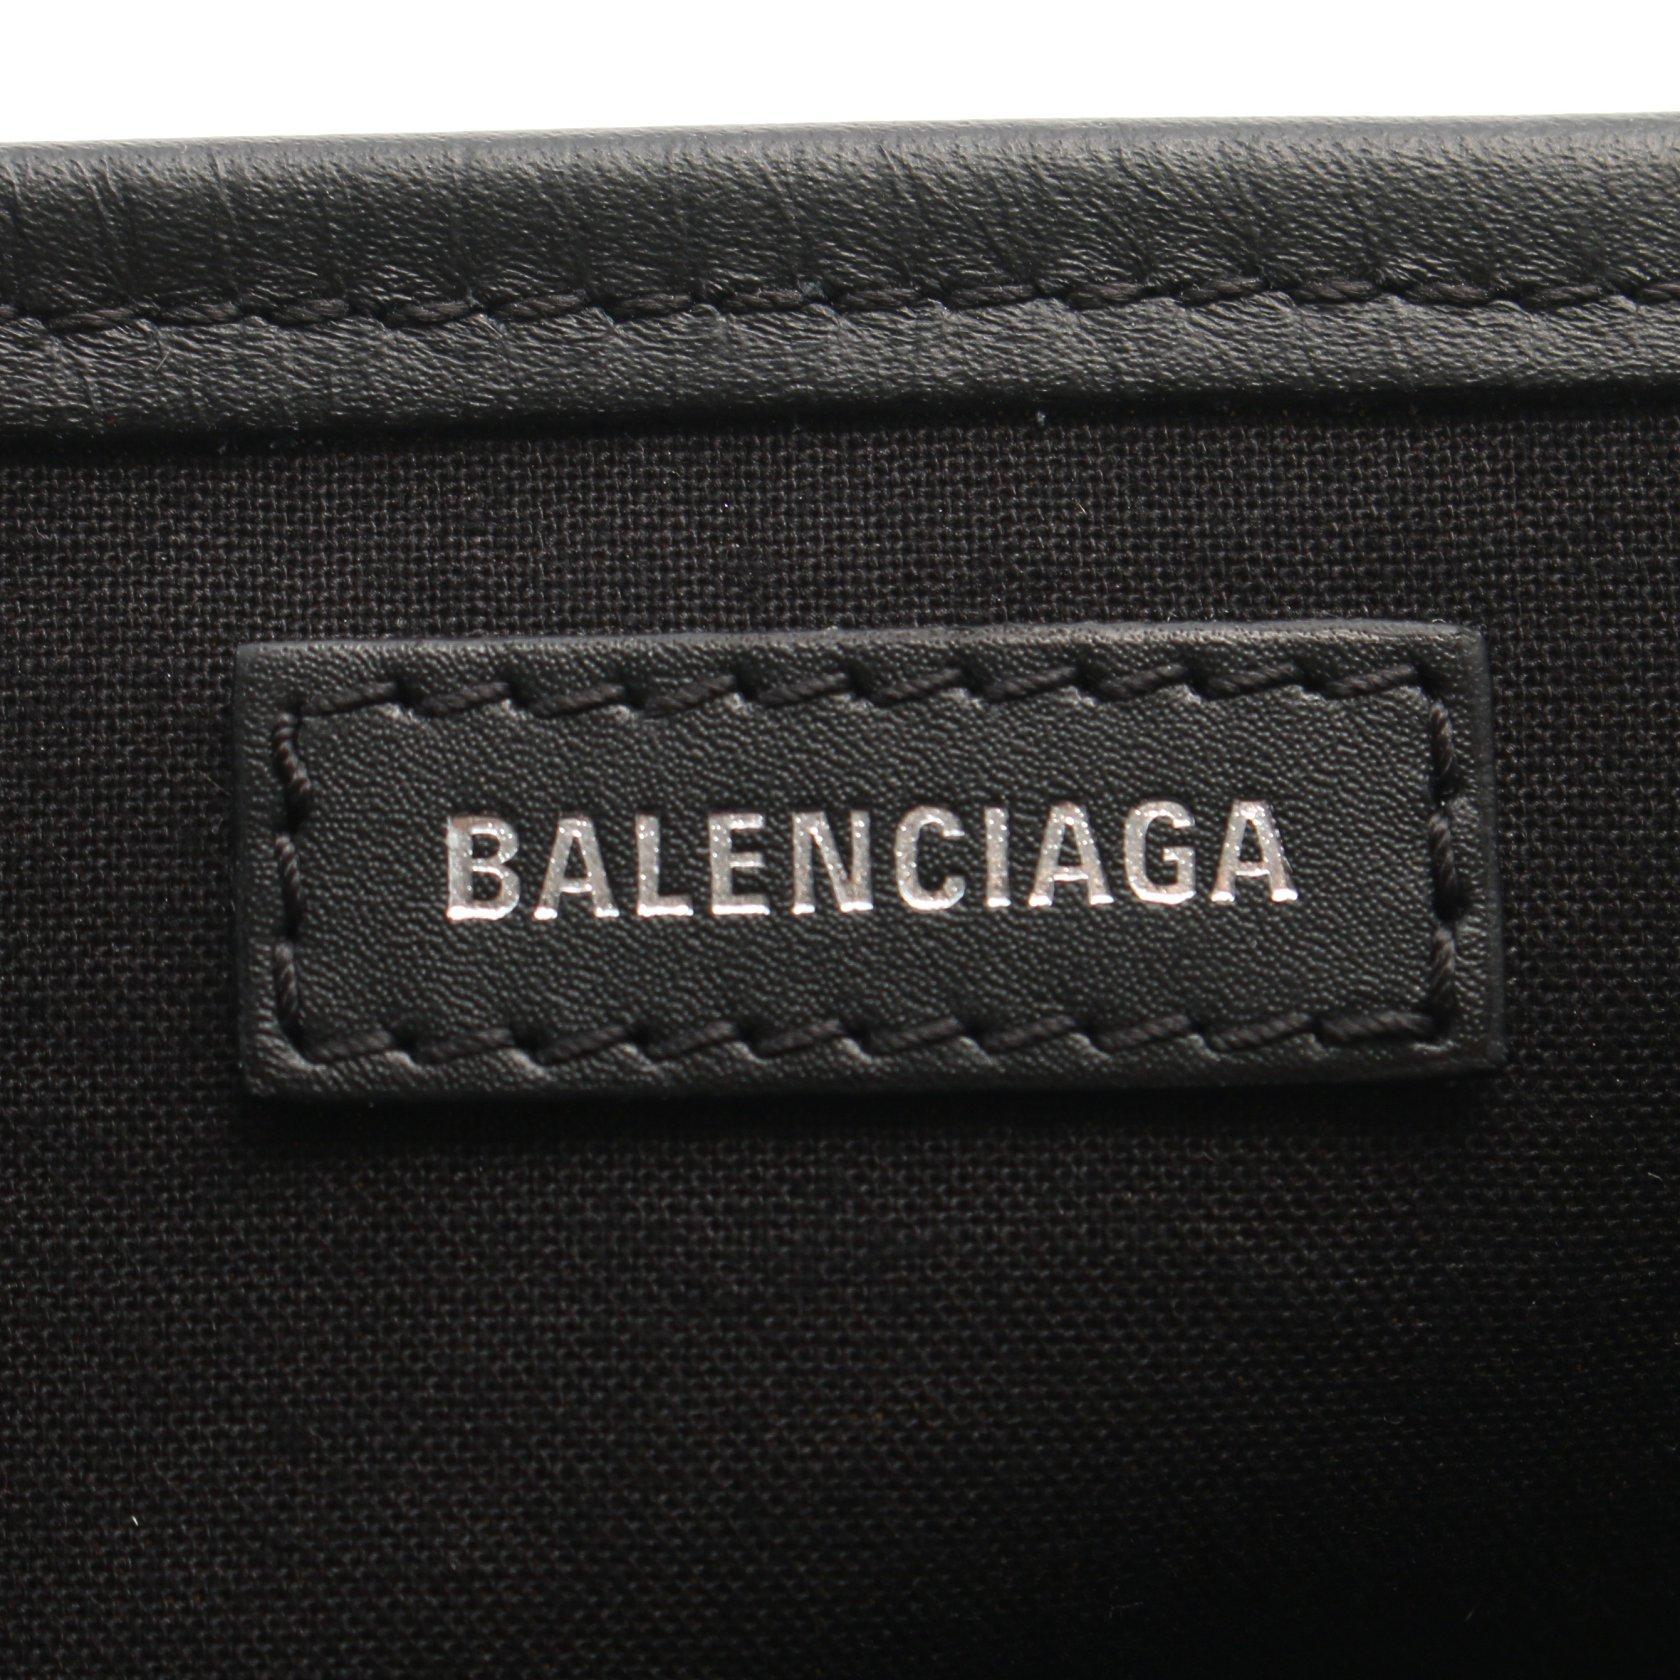 BALENCIAGA・バッグ・ネイビーカバ XS ハンドバッグ キャンバス レザー アイボリー ブラック 2WAY